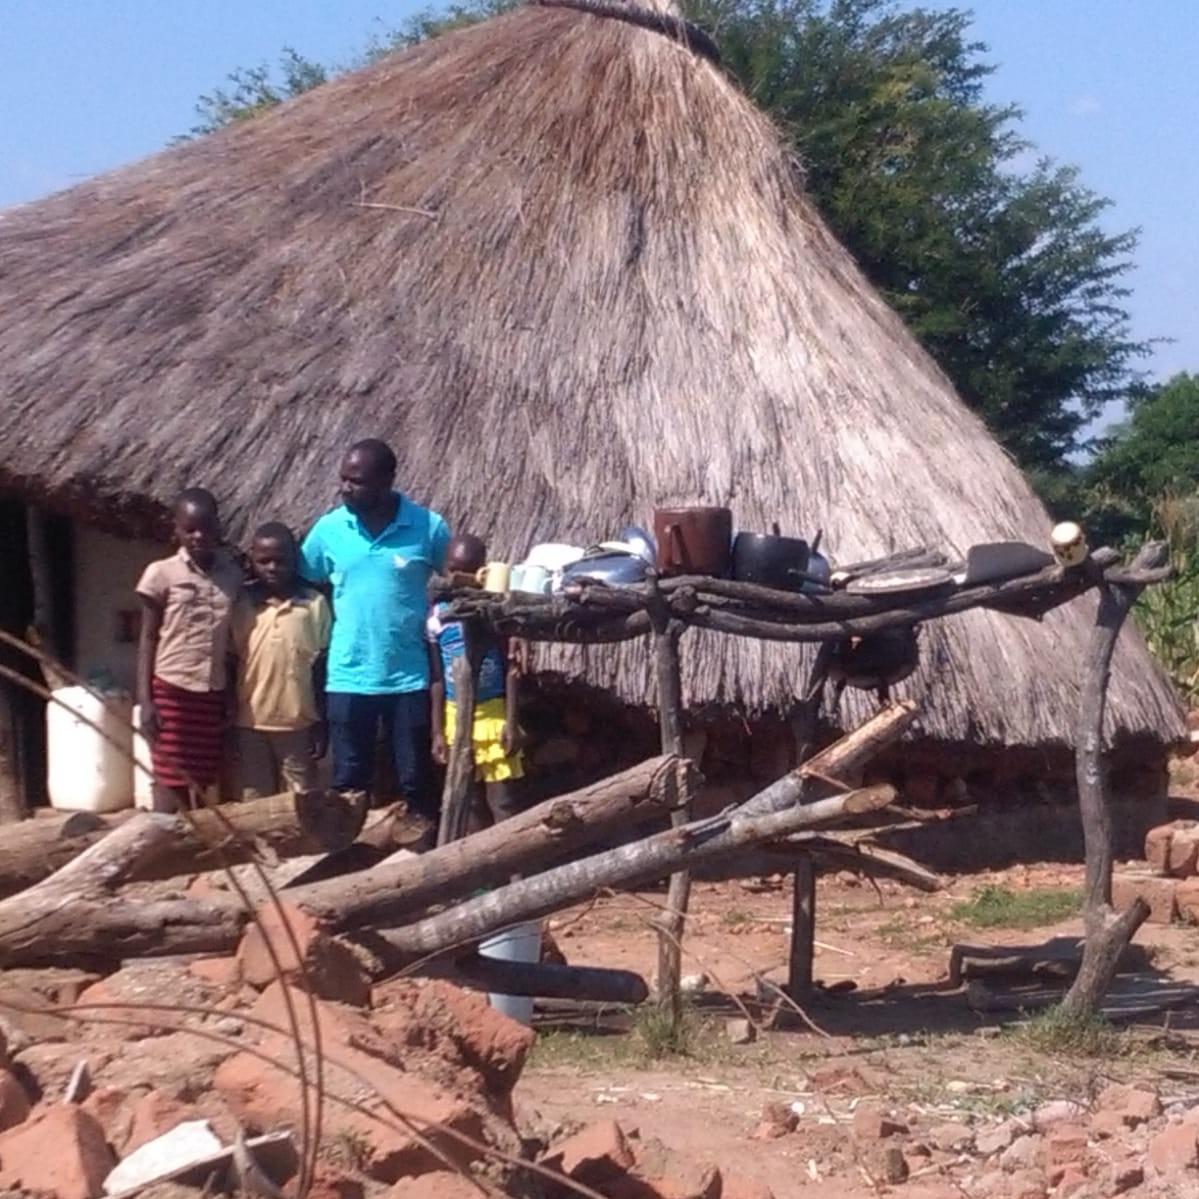 Hilfe in Krisengebieten - Wenn Naturkatastrophen die Lebensumstände von Menschen weltweit verschlimmern, helfen wir schnell und nachhaltig. So wie unser Mitarbeiter Bright hier in Zimbabwe. Wir haben  11 Großraumzelte und Decken hingeflogen, die direkt durch Bright von Weitsicht an Familien verteilt wurden, deren Häuser vom Zyklon Idai zerstört wurden.